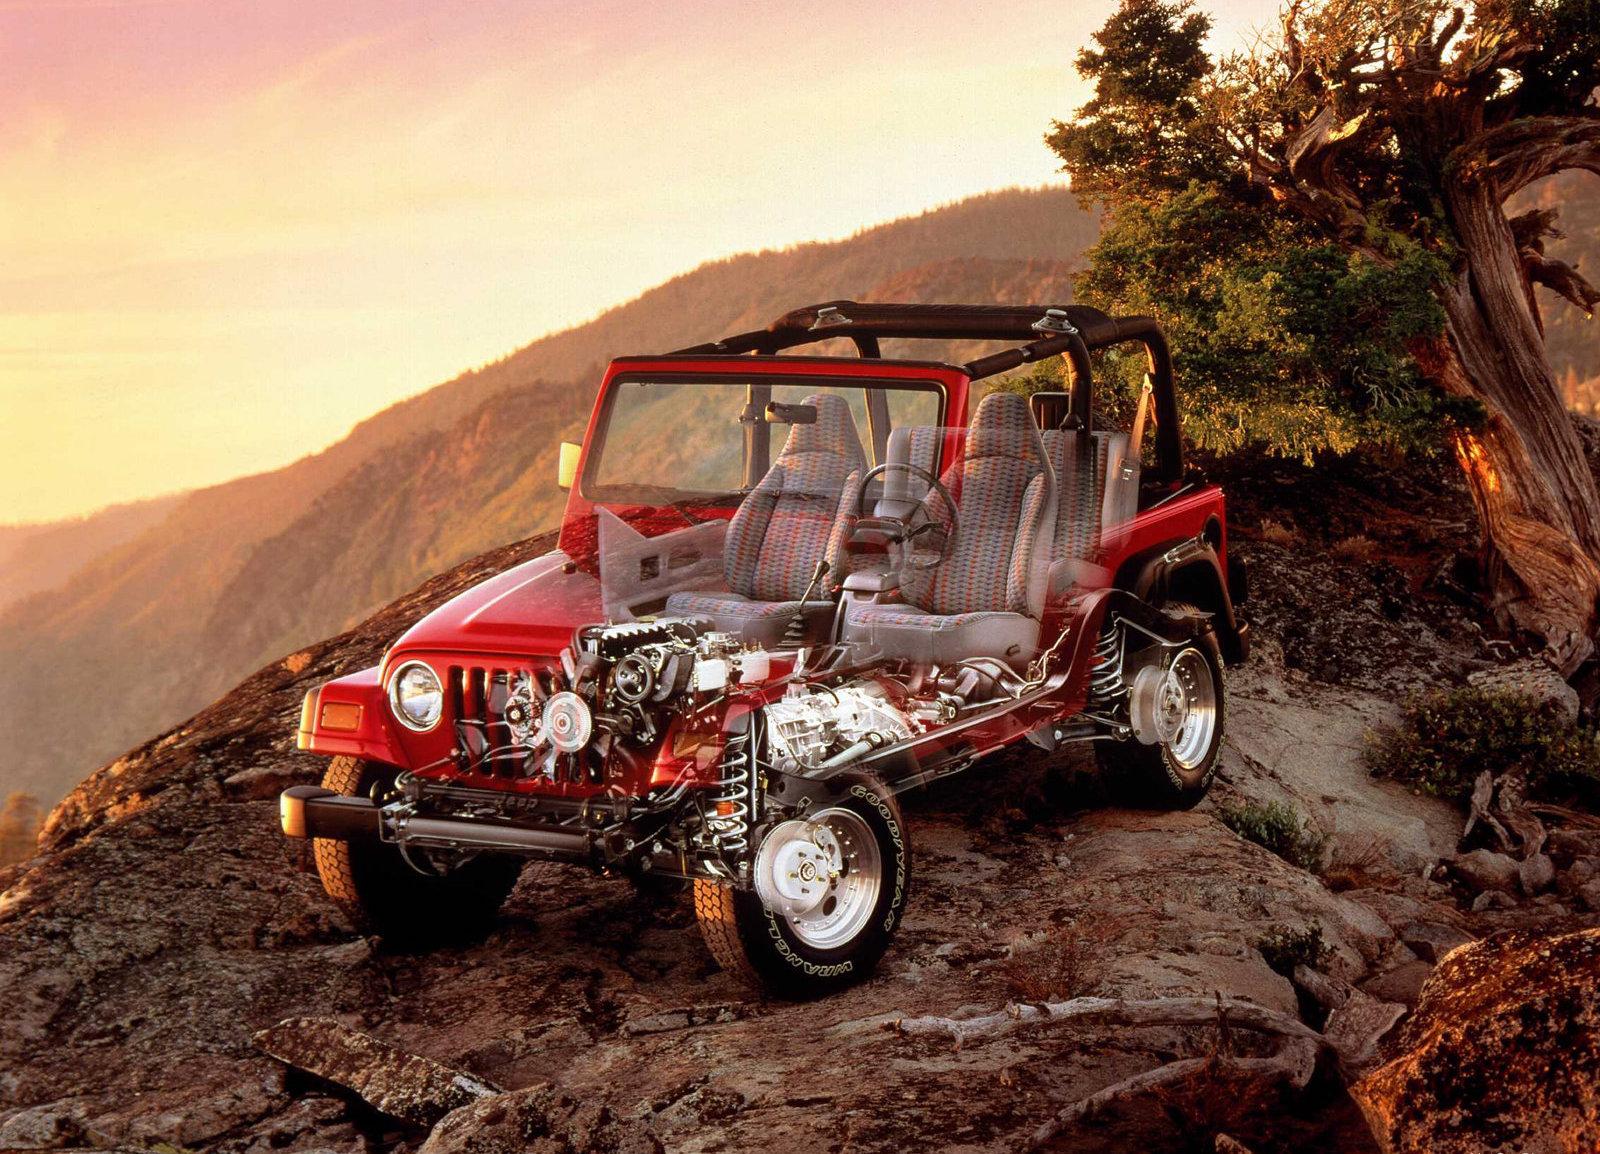 1997 Jeep Wrangler cutaway